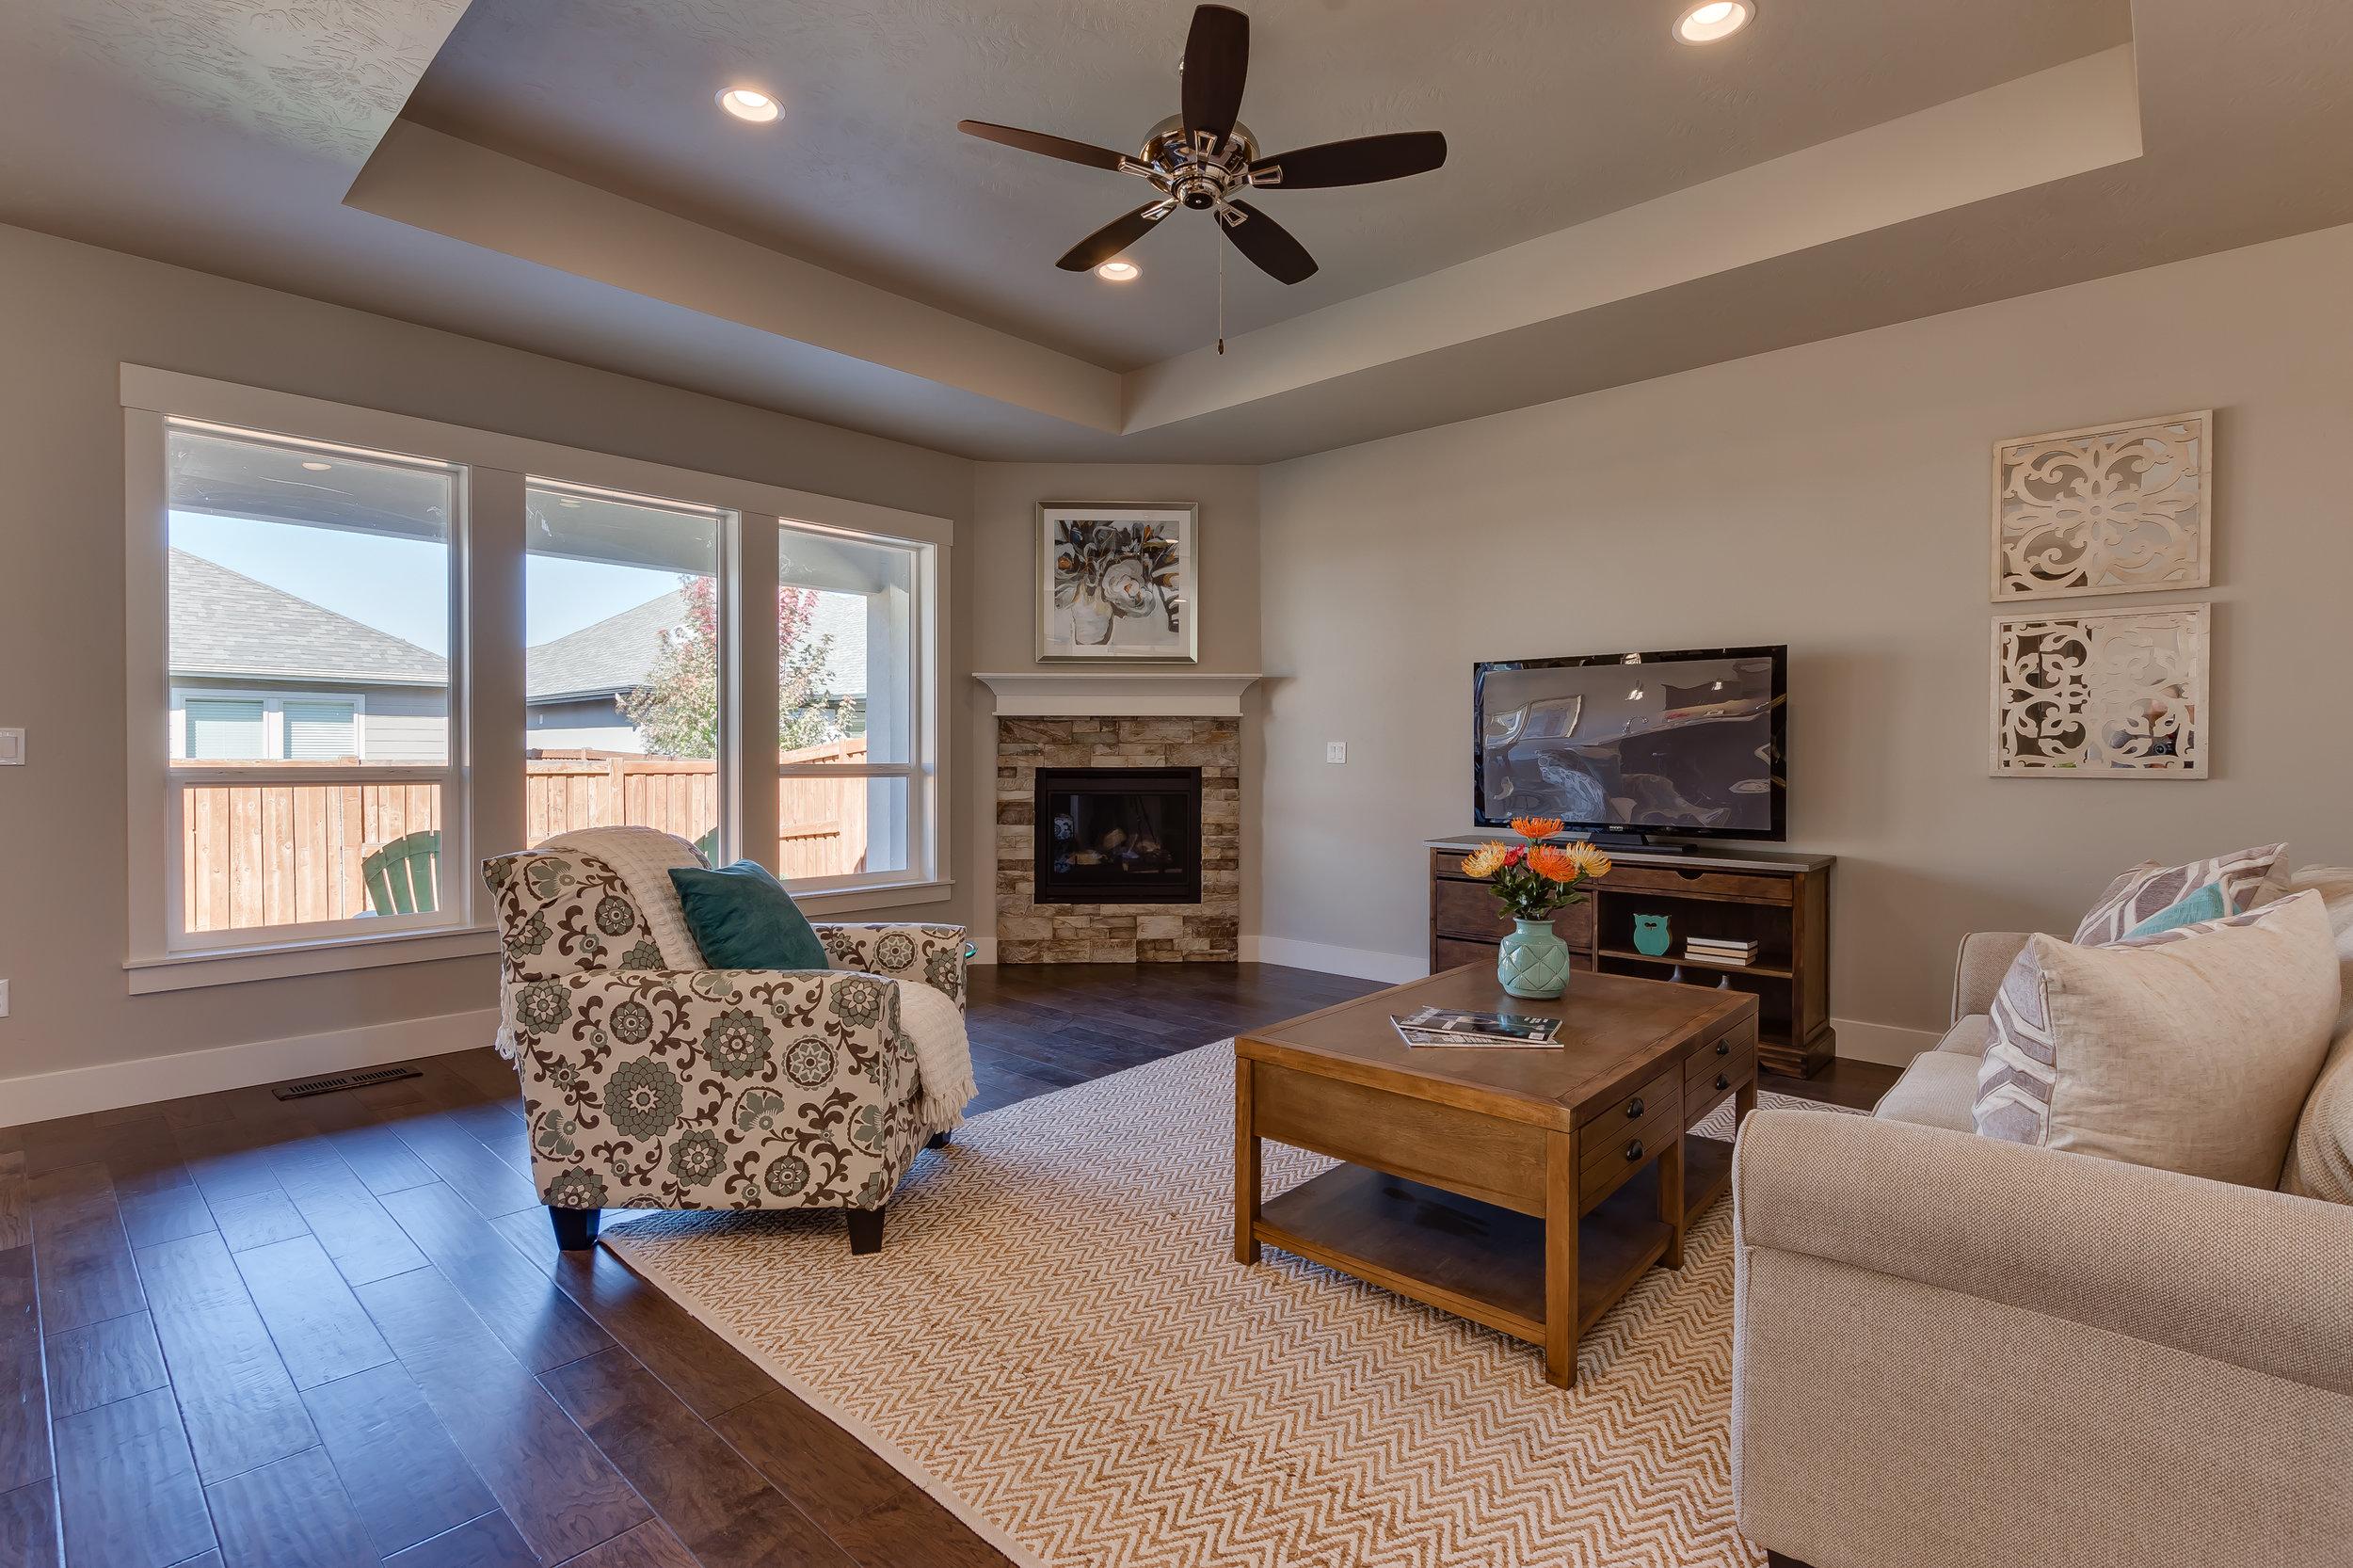 020_Living Room.jpg